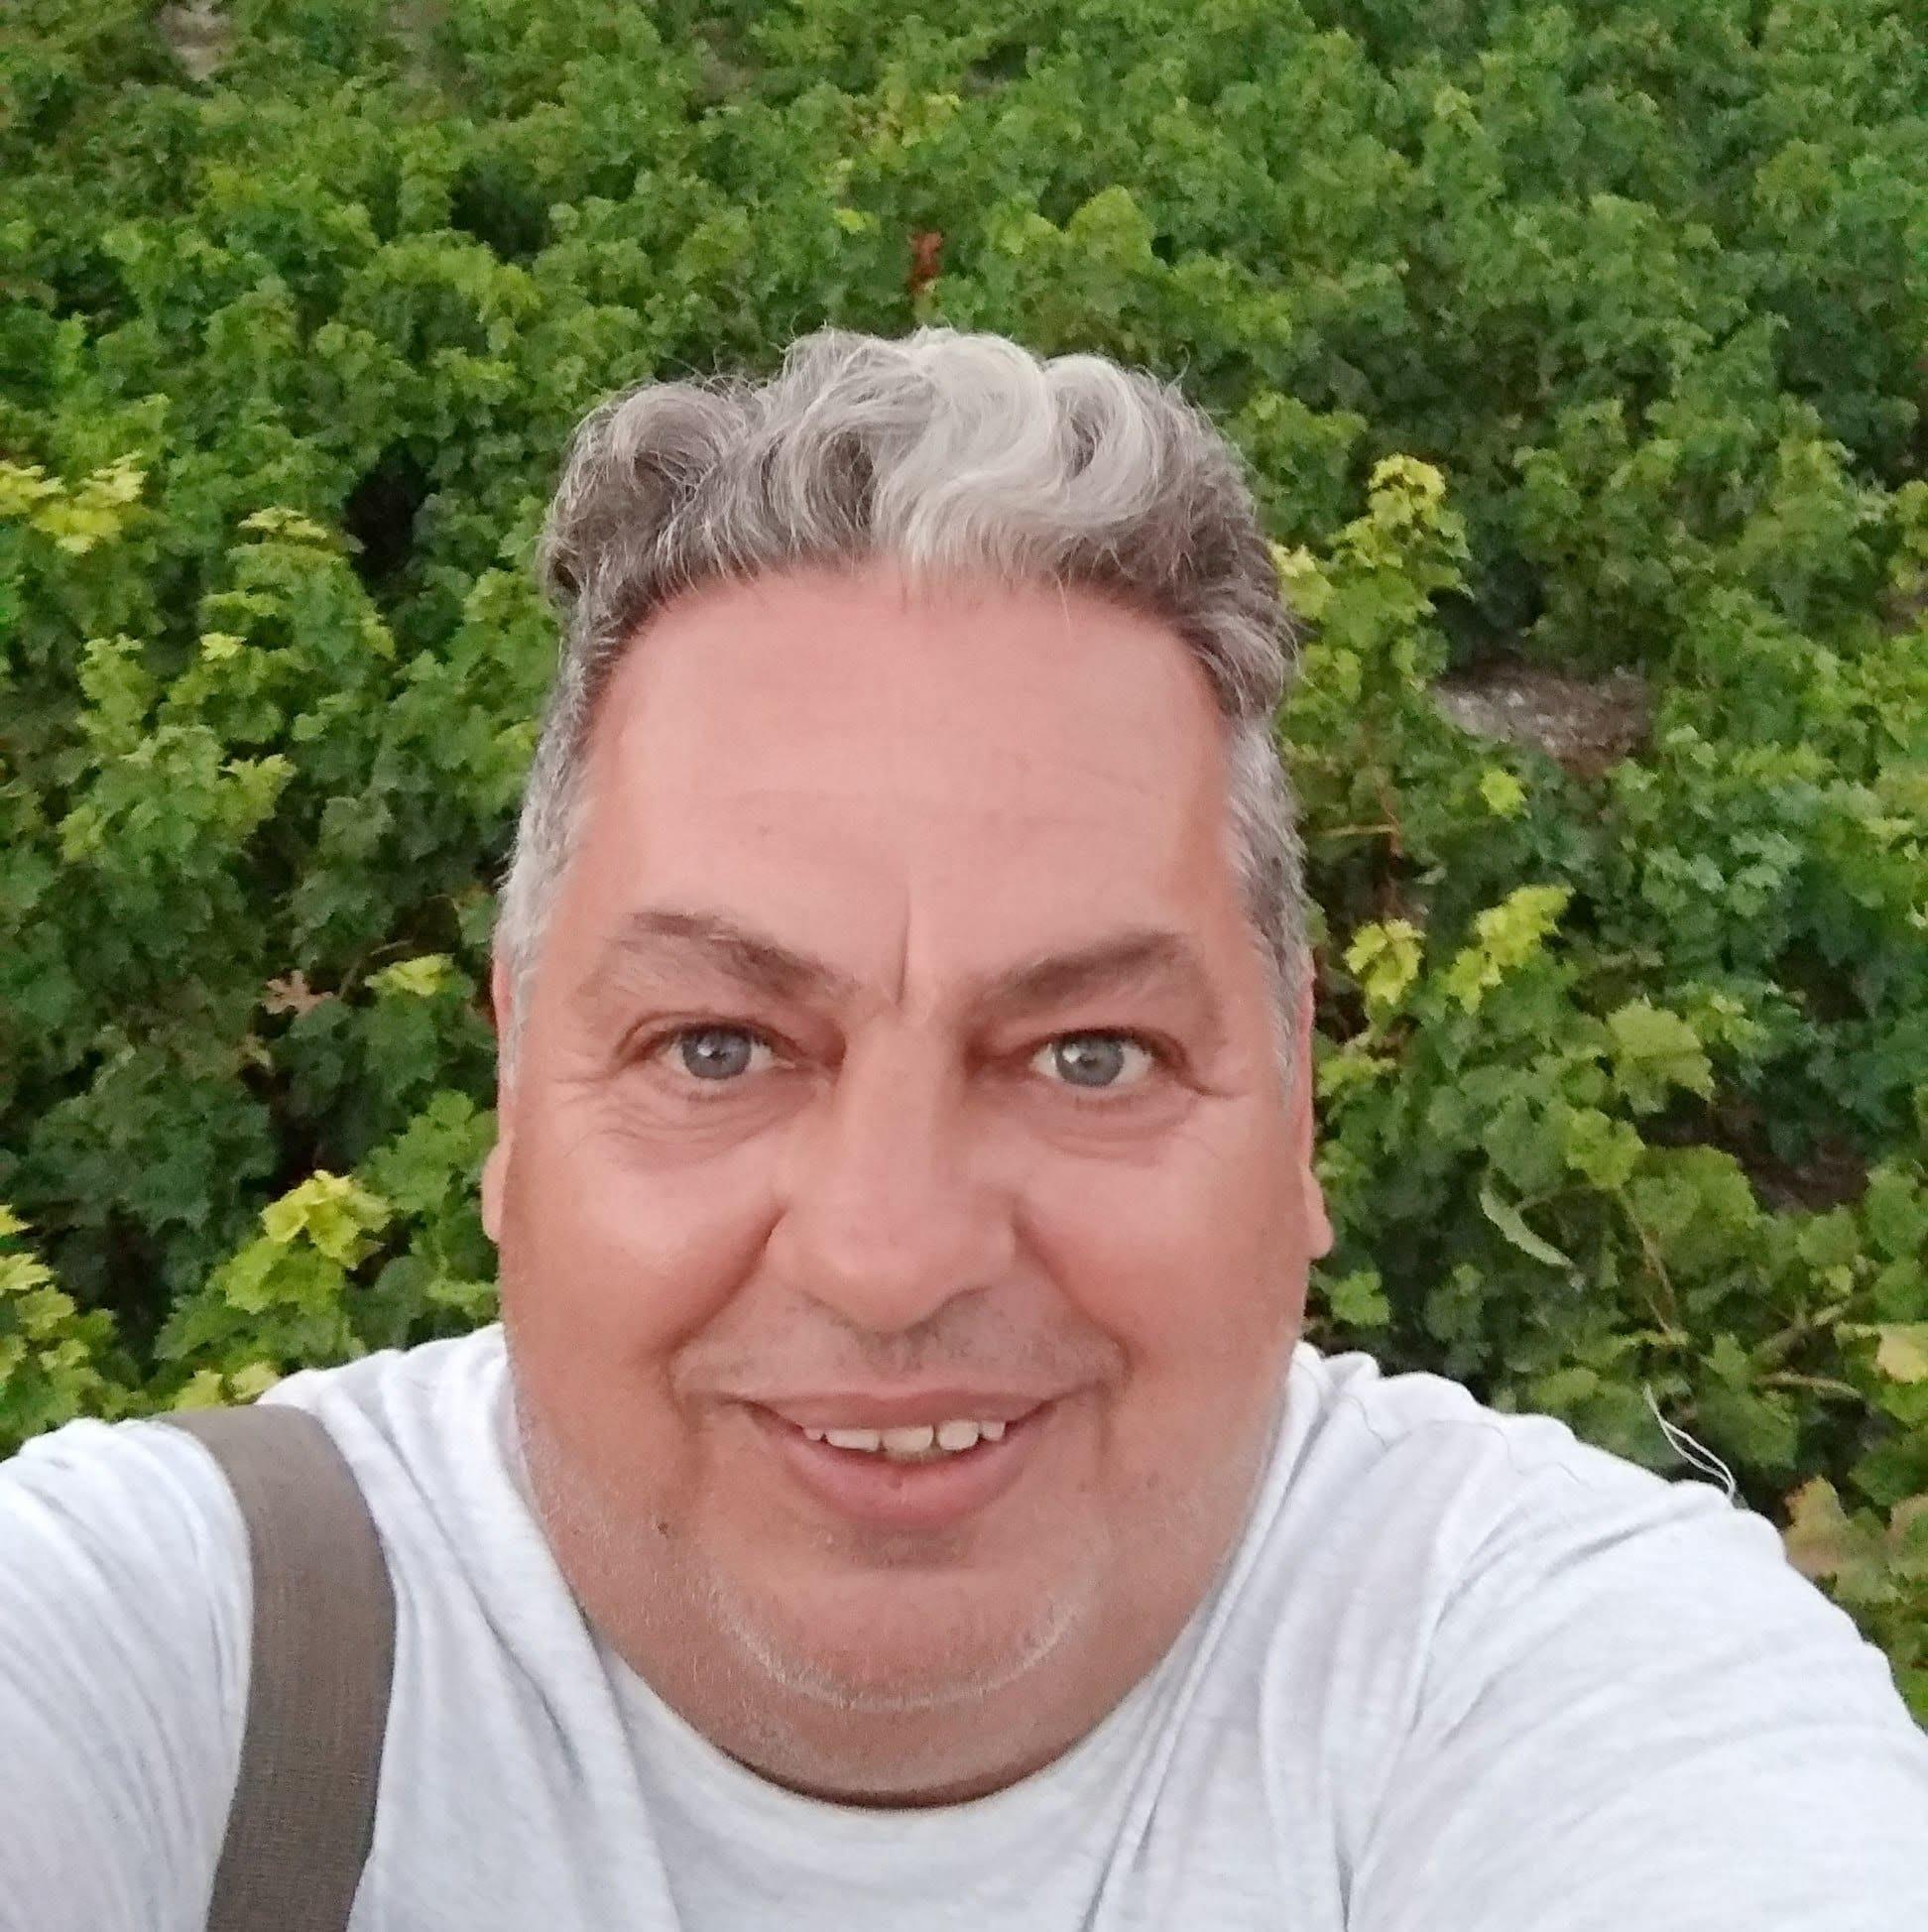 «Έφυγε» αιφνίδια από τη ζωή σε ηλικία 50 ετών ο Σαμιώτης Αθανάσιος Χατζημιχάλης παρασκευαστής στο Μικροβιολογικό Τμήμα του Νοσοκομείου Καλύμνου